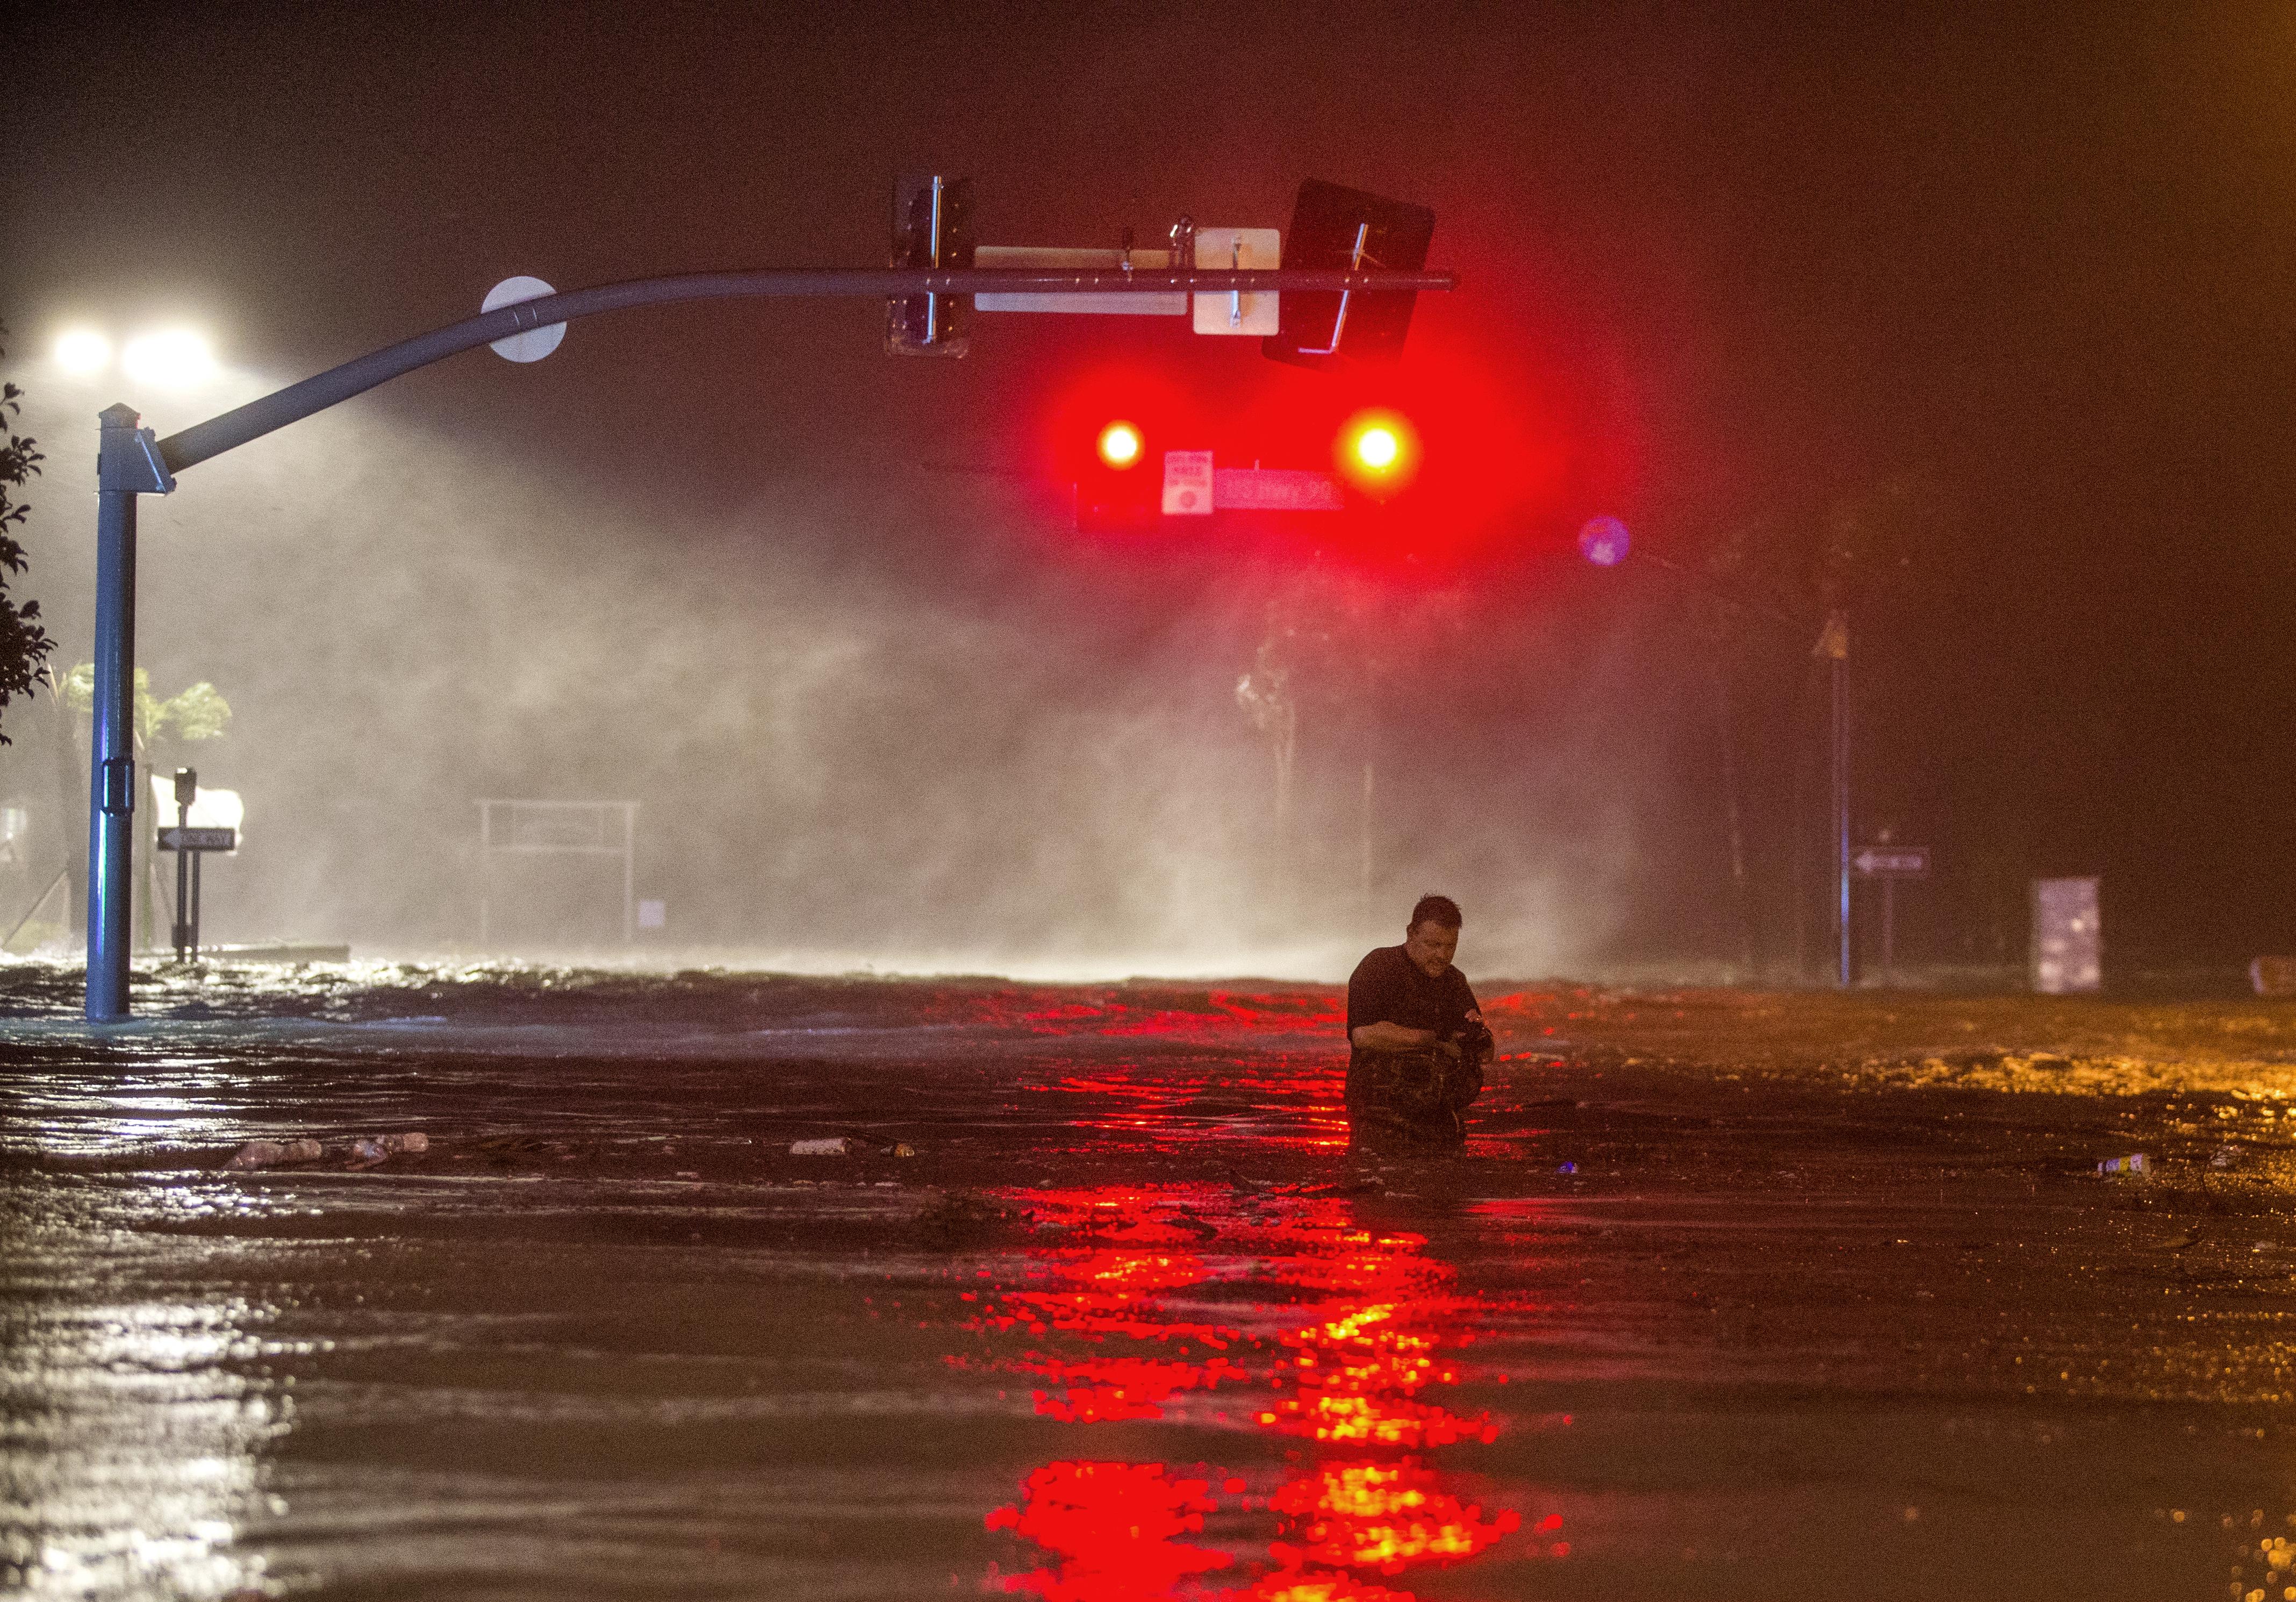 الأمطار الغزيرة أغرقت شوارع بعض المناطق في ولاية أوكلاهوما